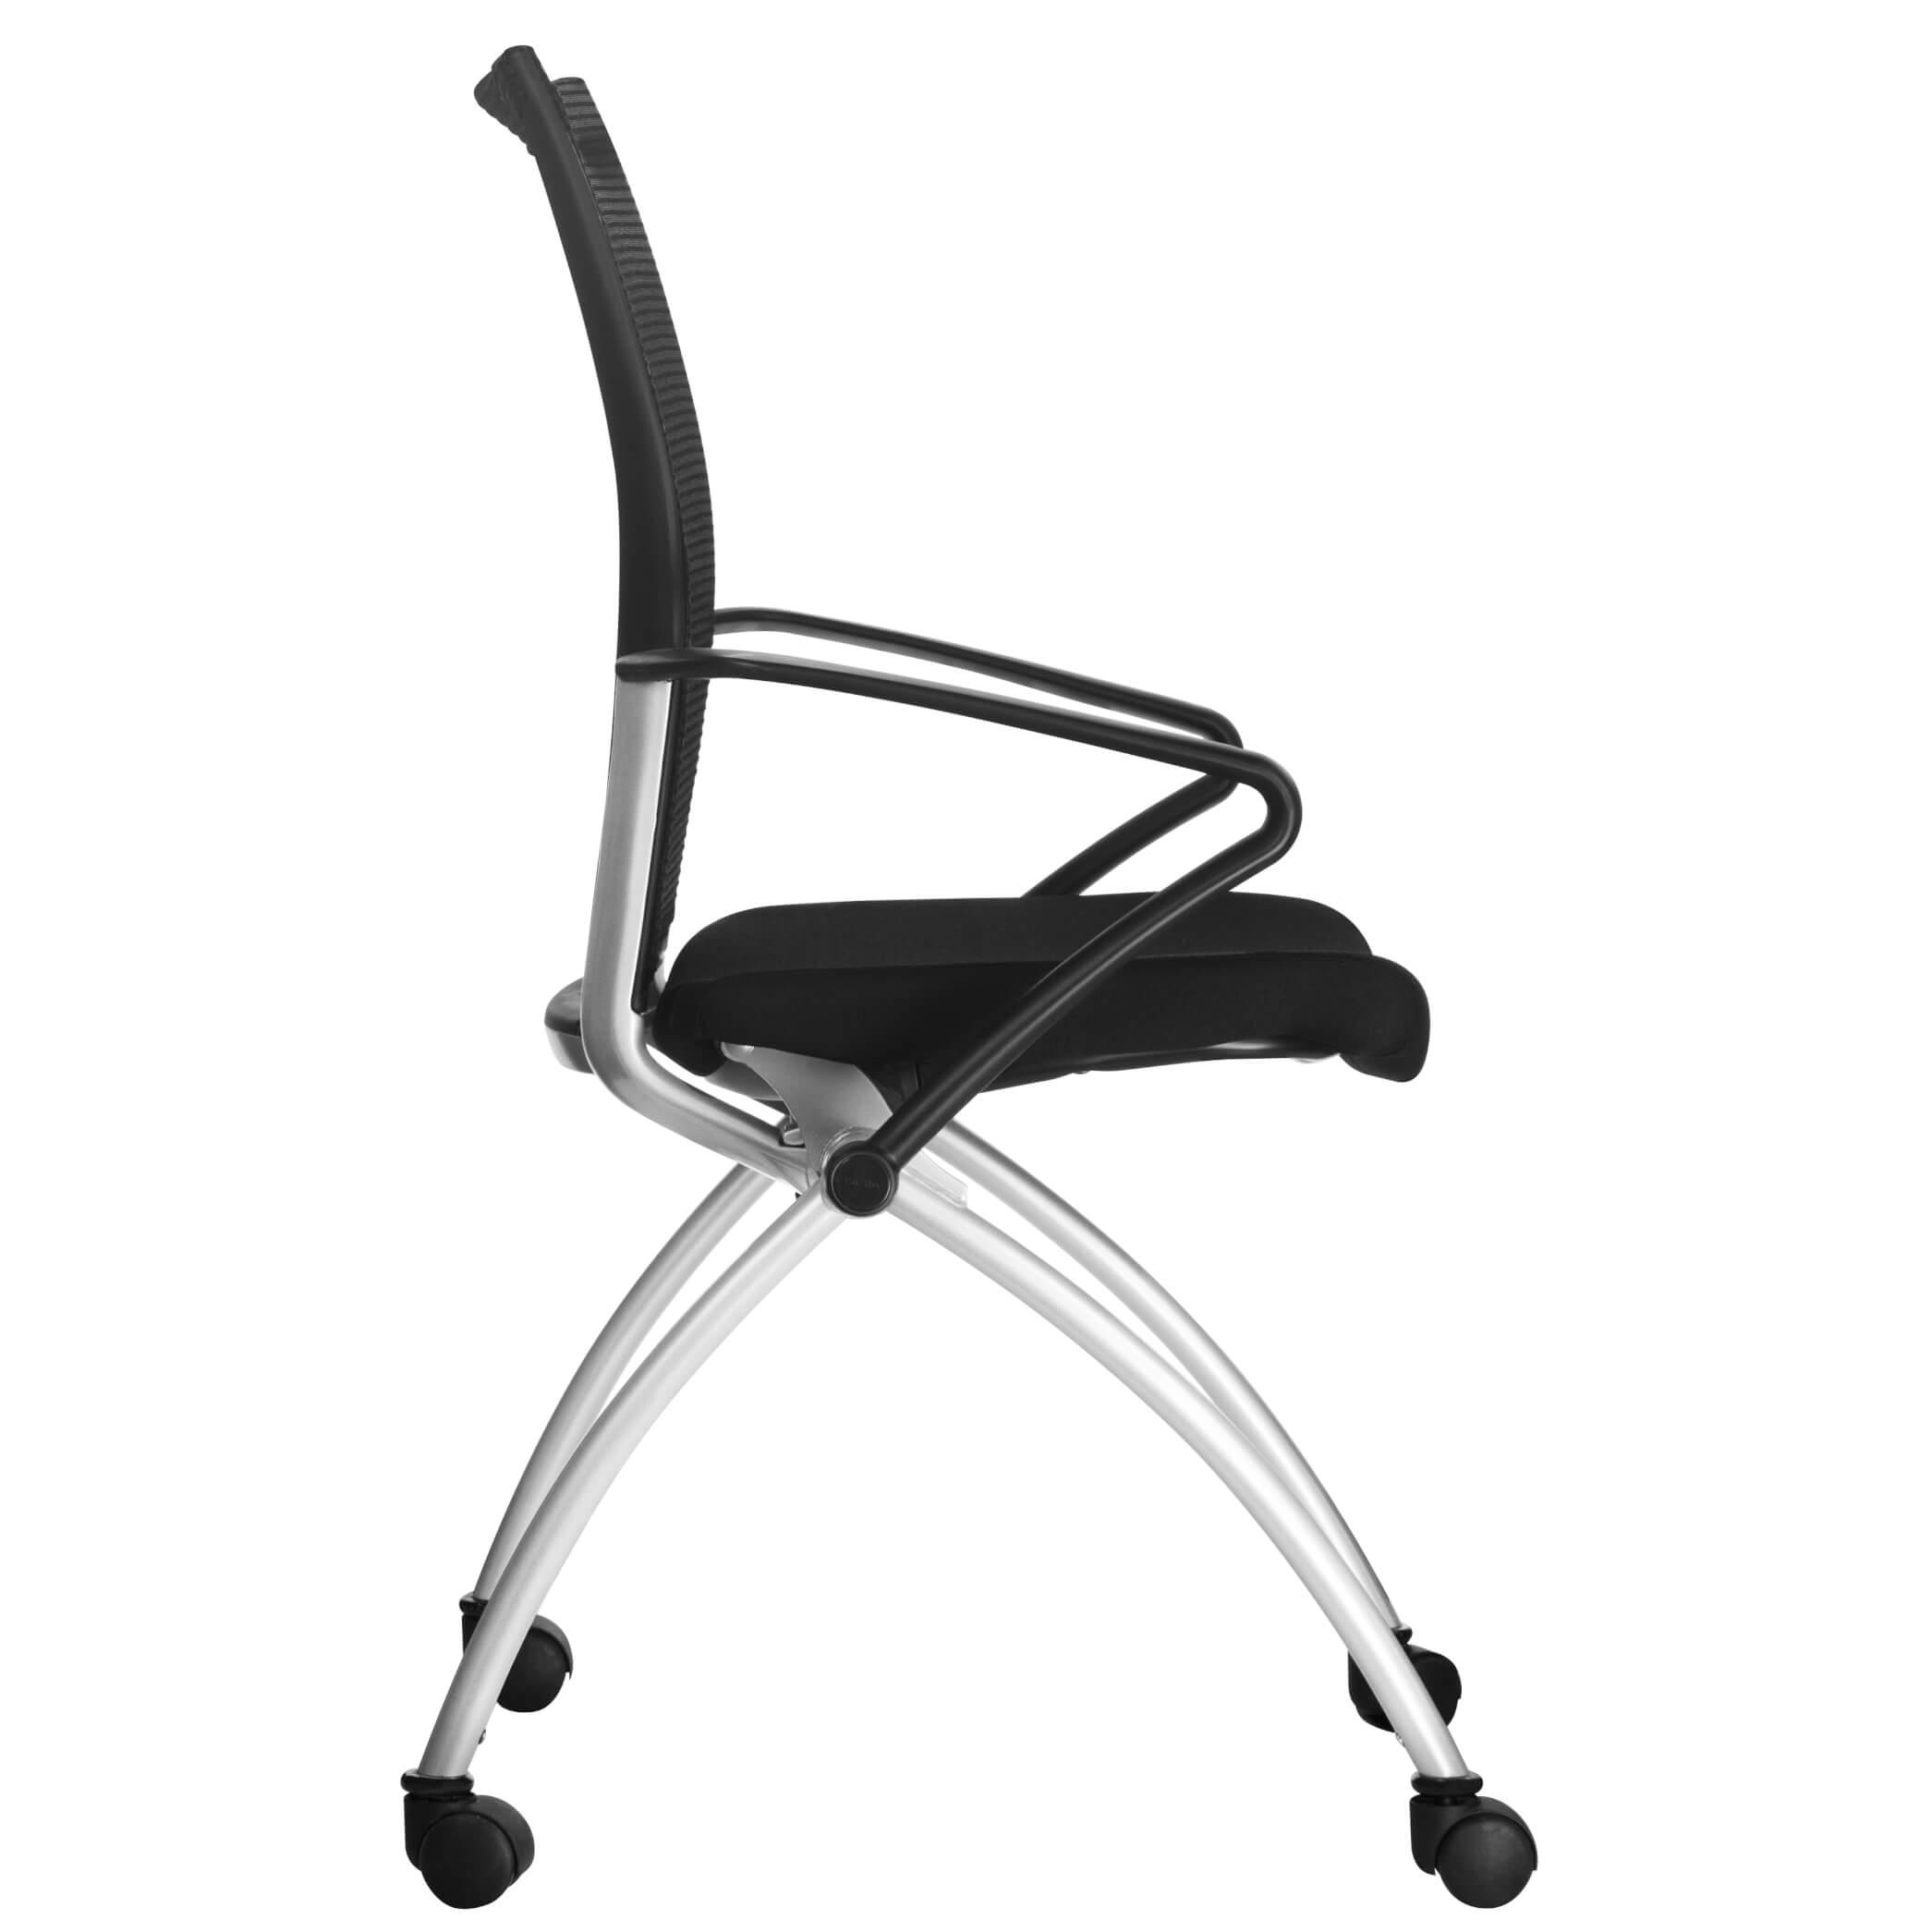 Besucherstuhl Objektstuhl Stuhl auf Rollen klappbar Klappsitz schwarz VIENA